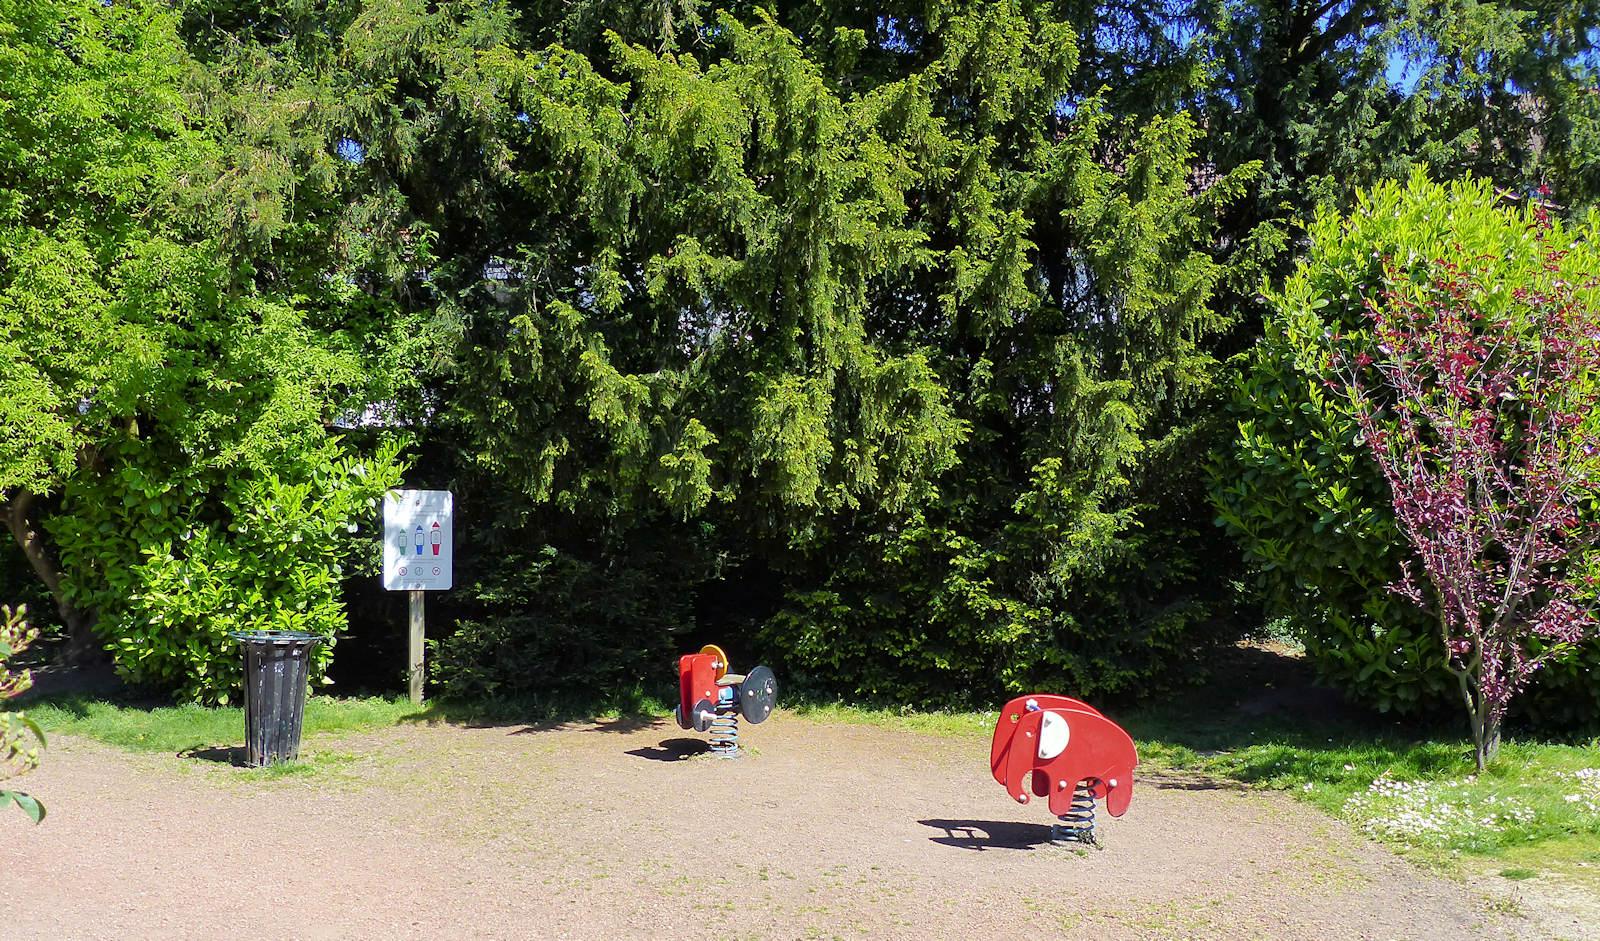 Jardin botanique, Tourcoing - Jeux pour enfants